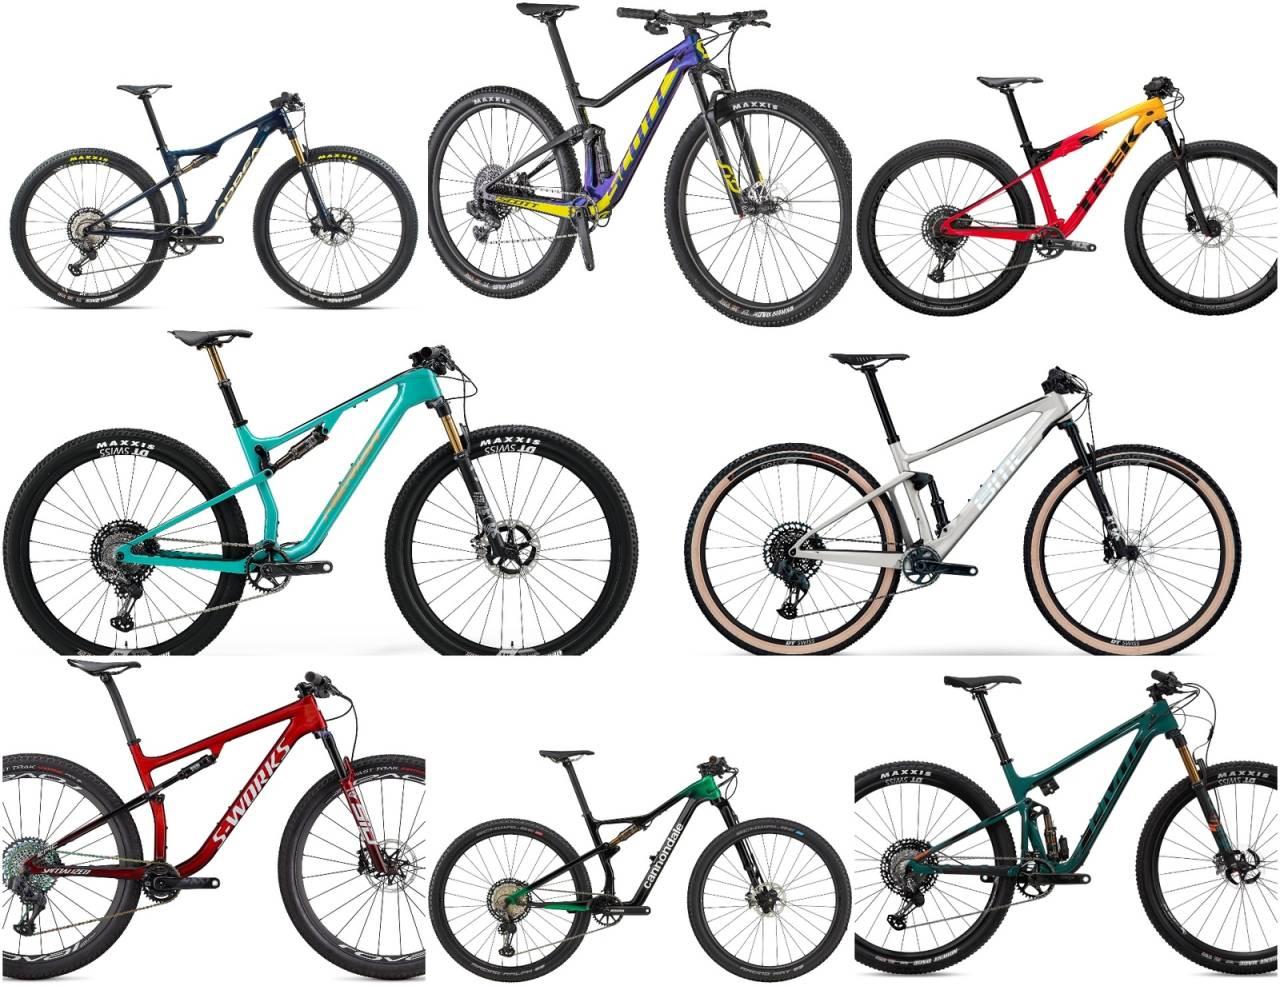 årets kuleste rittfulldempere, Orbea, Scott, Trek, Merida, BMC, Specialized, Cannondale, Pivot